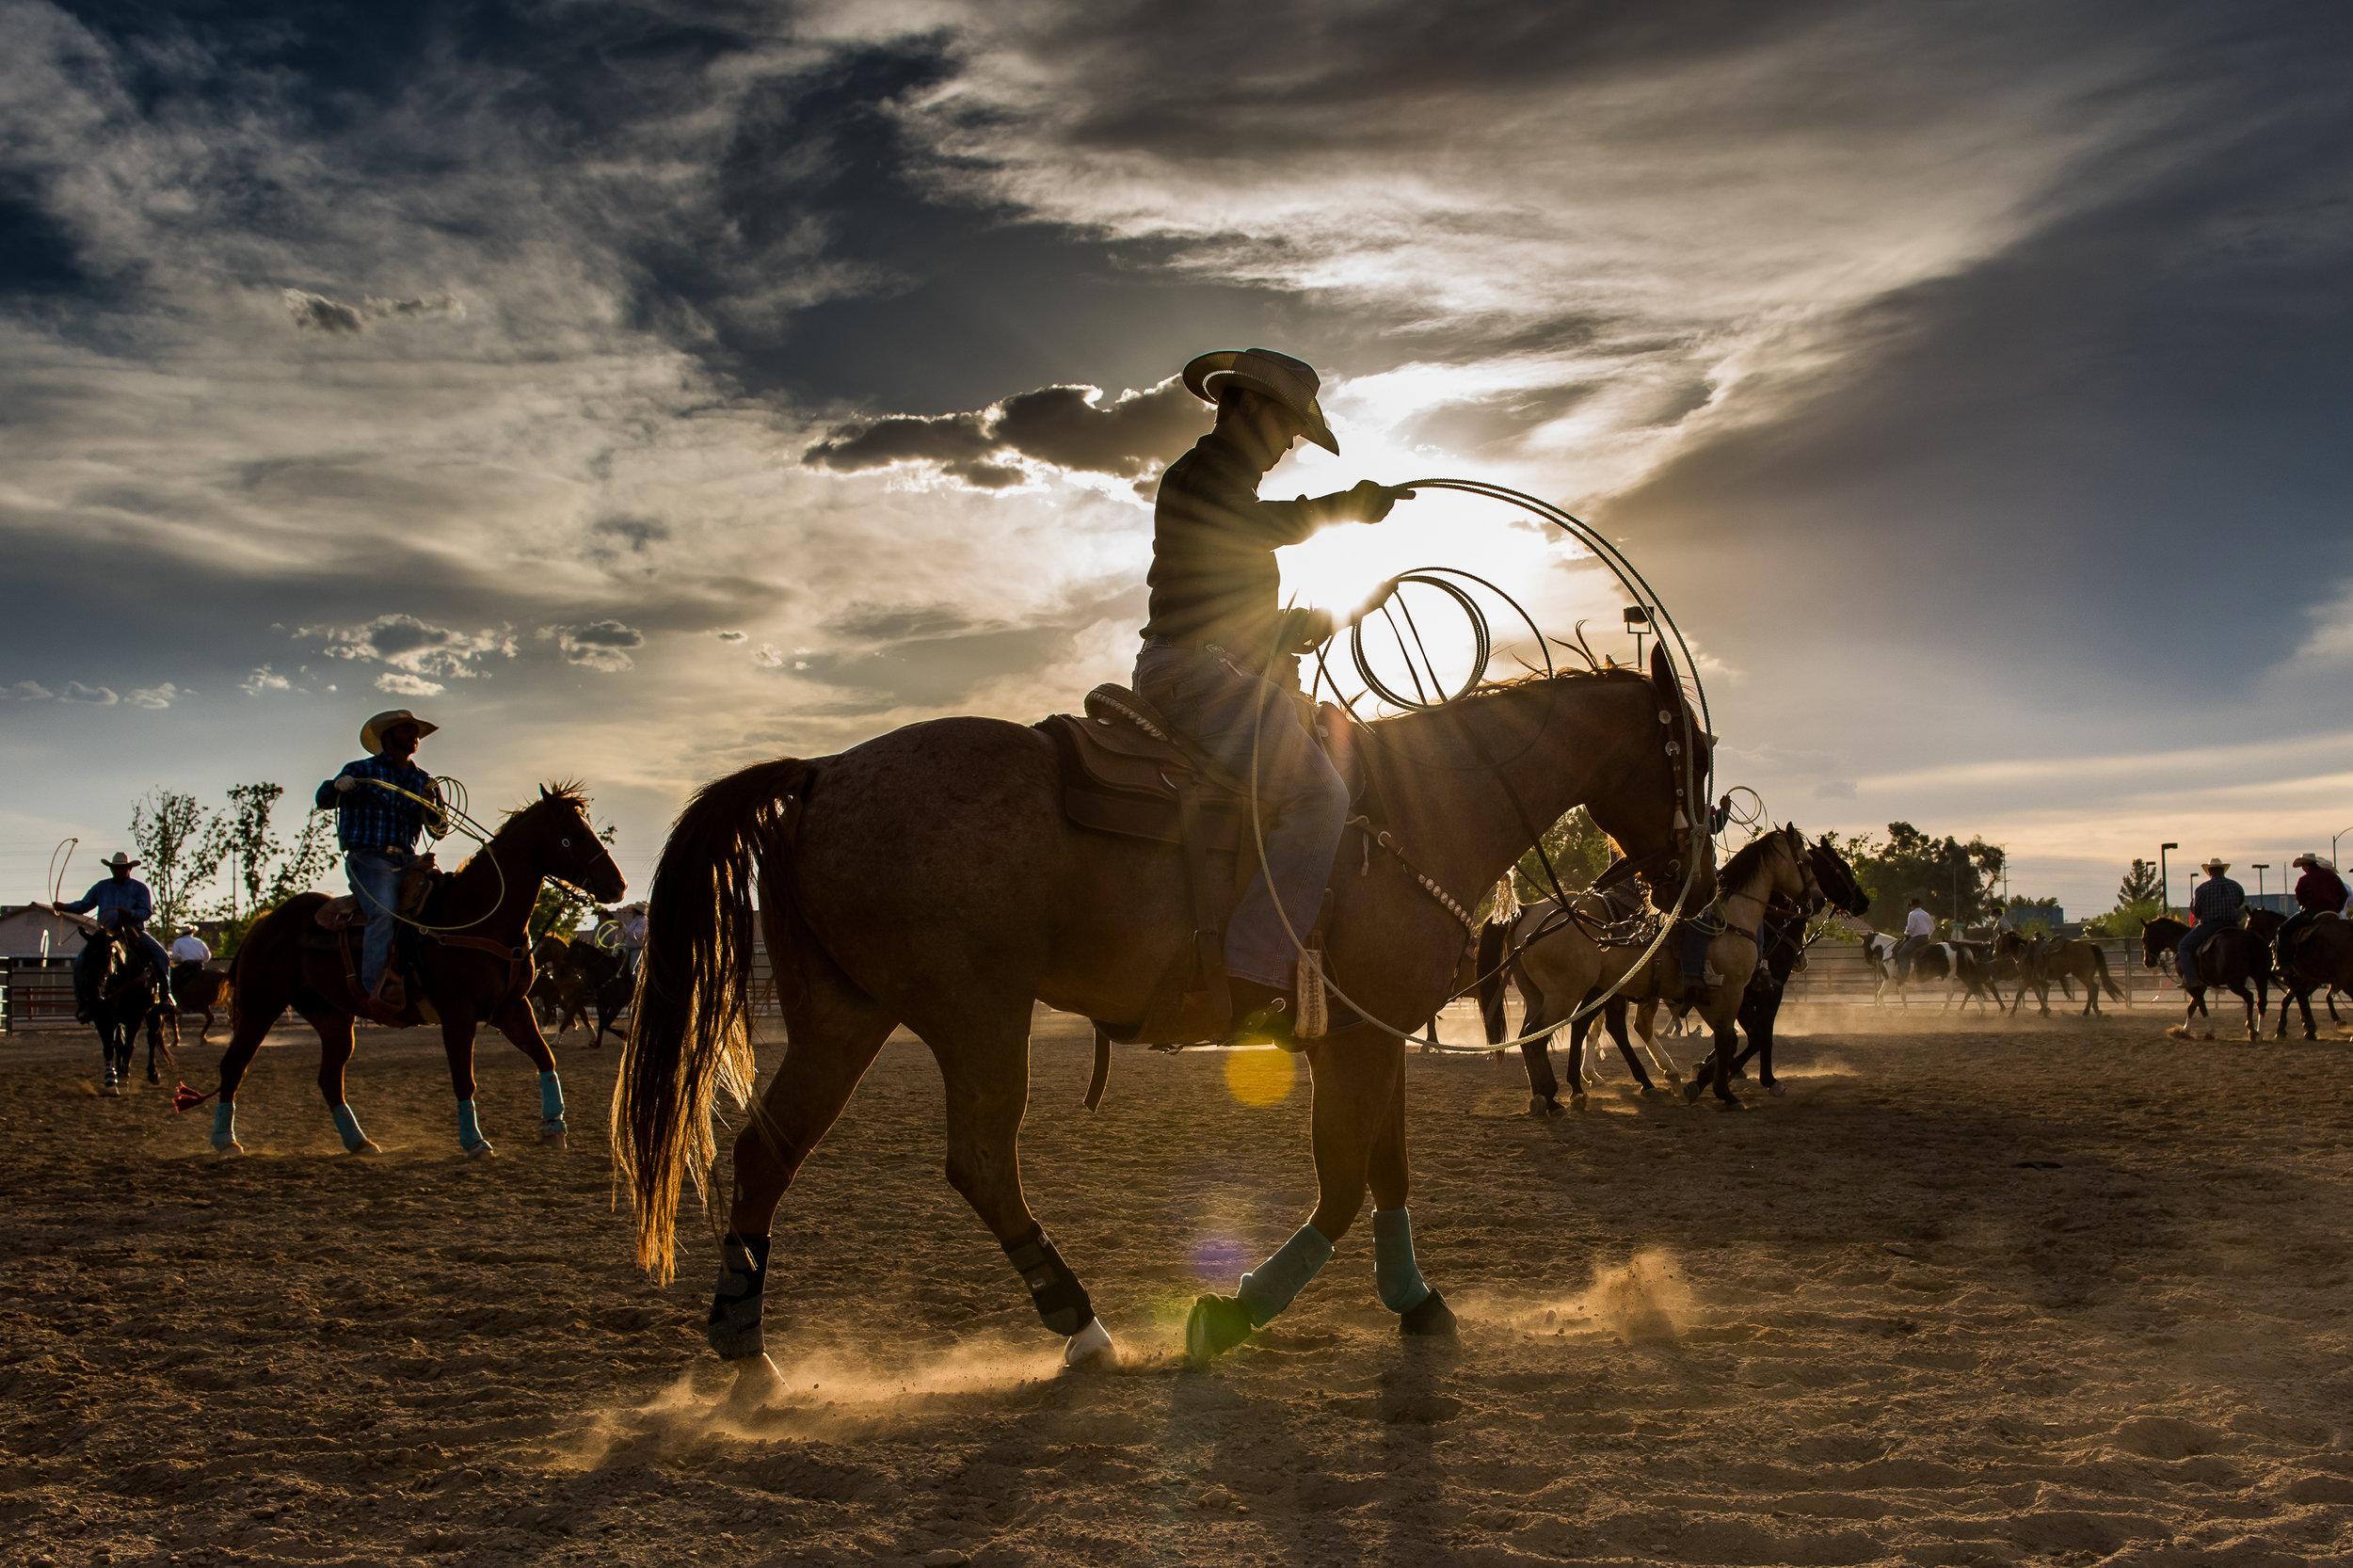 Shutterstock / Gian Sapienza Photography